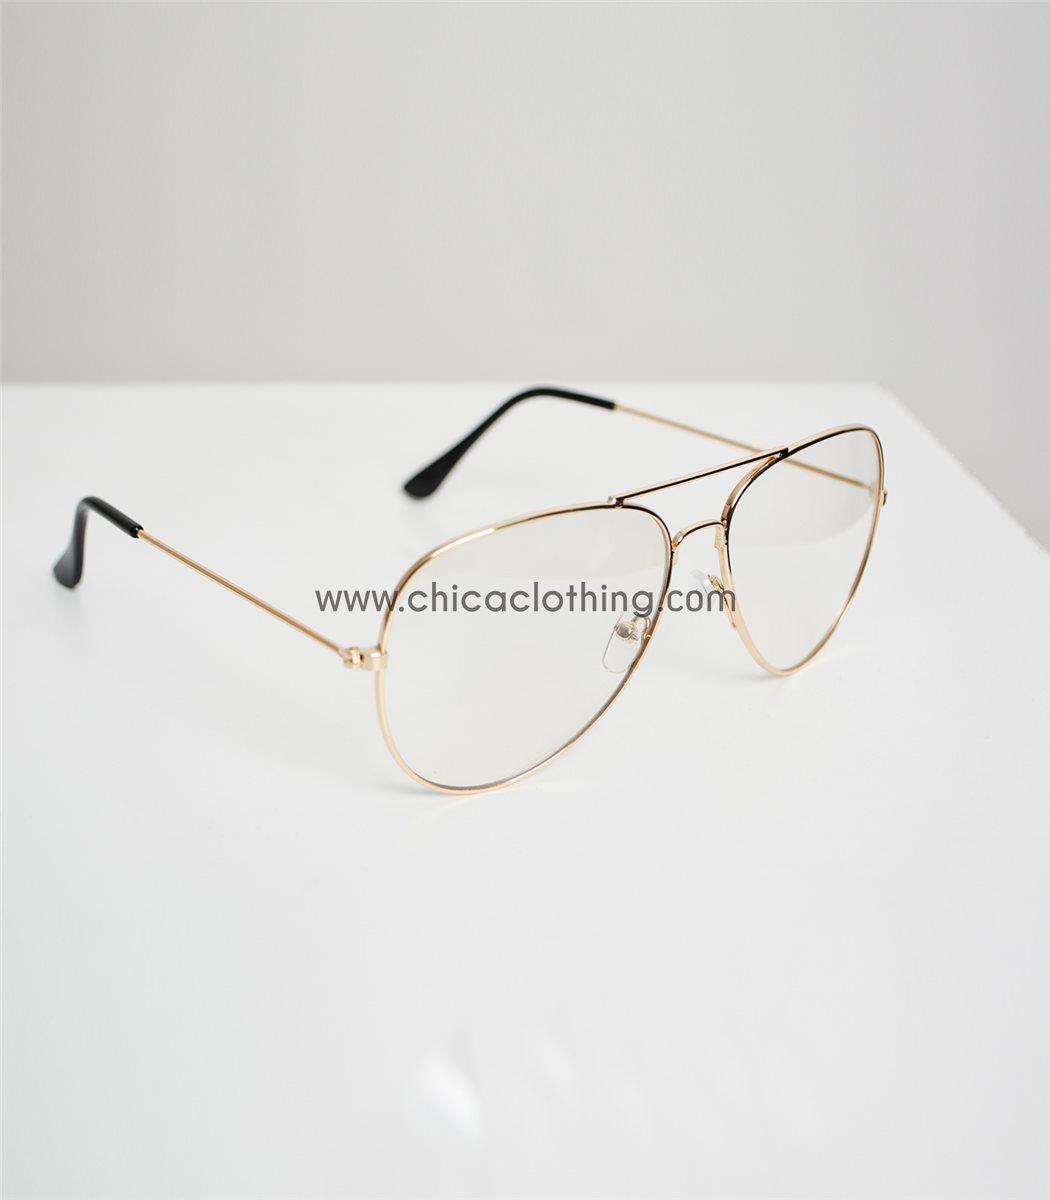 Γυναικεία χρυσά μεταλλικά γυαλιά με διαφανές φακό 59e75a44035